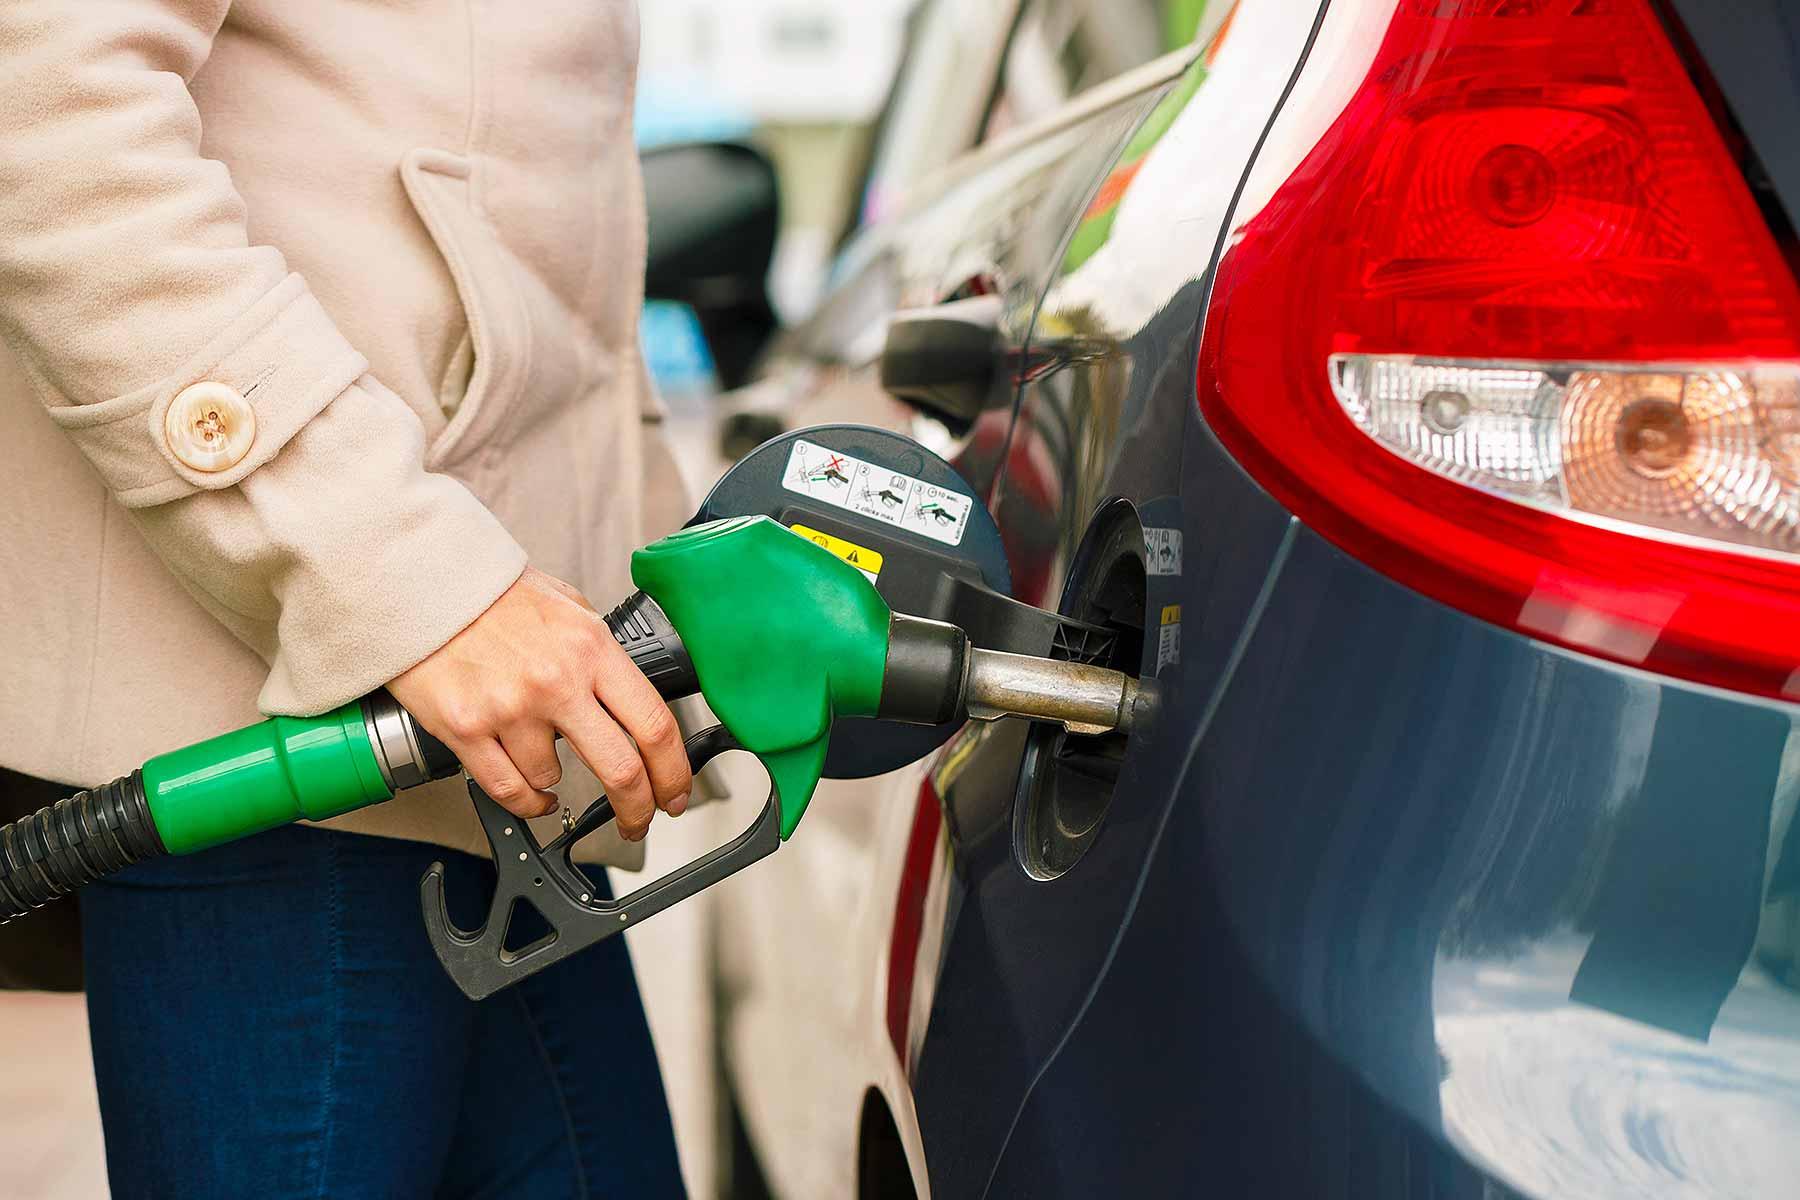 Unleaded filling pump